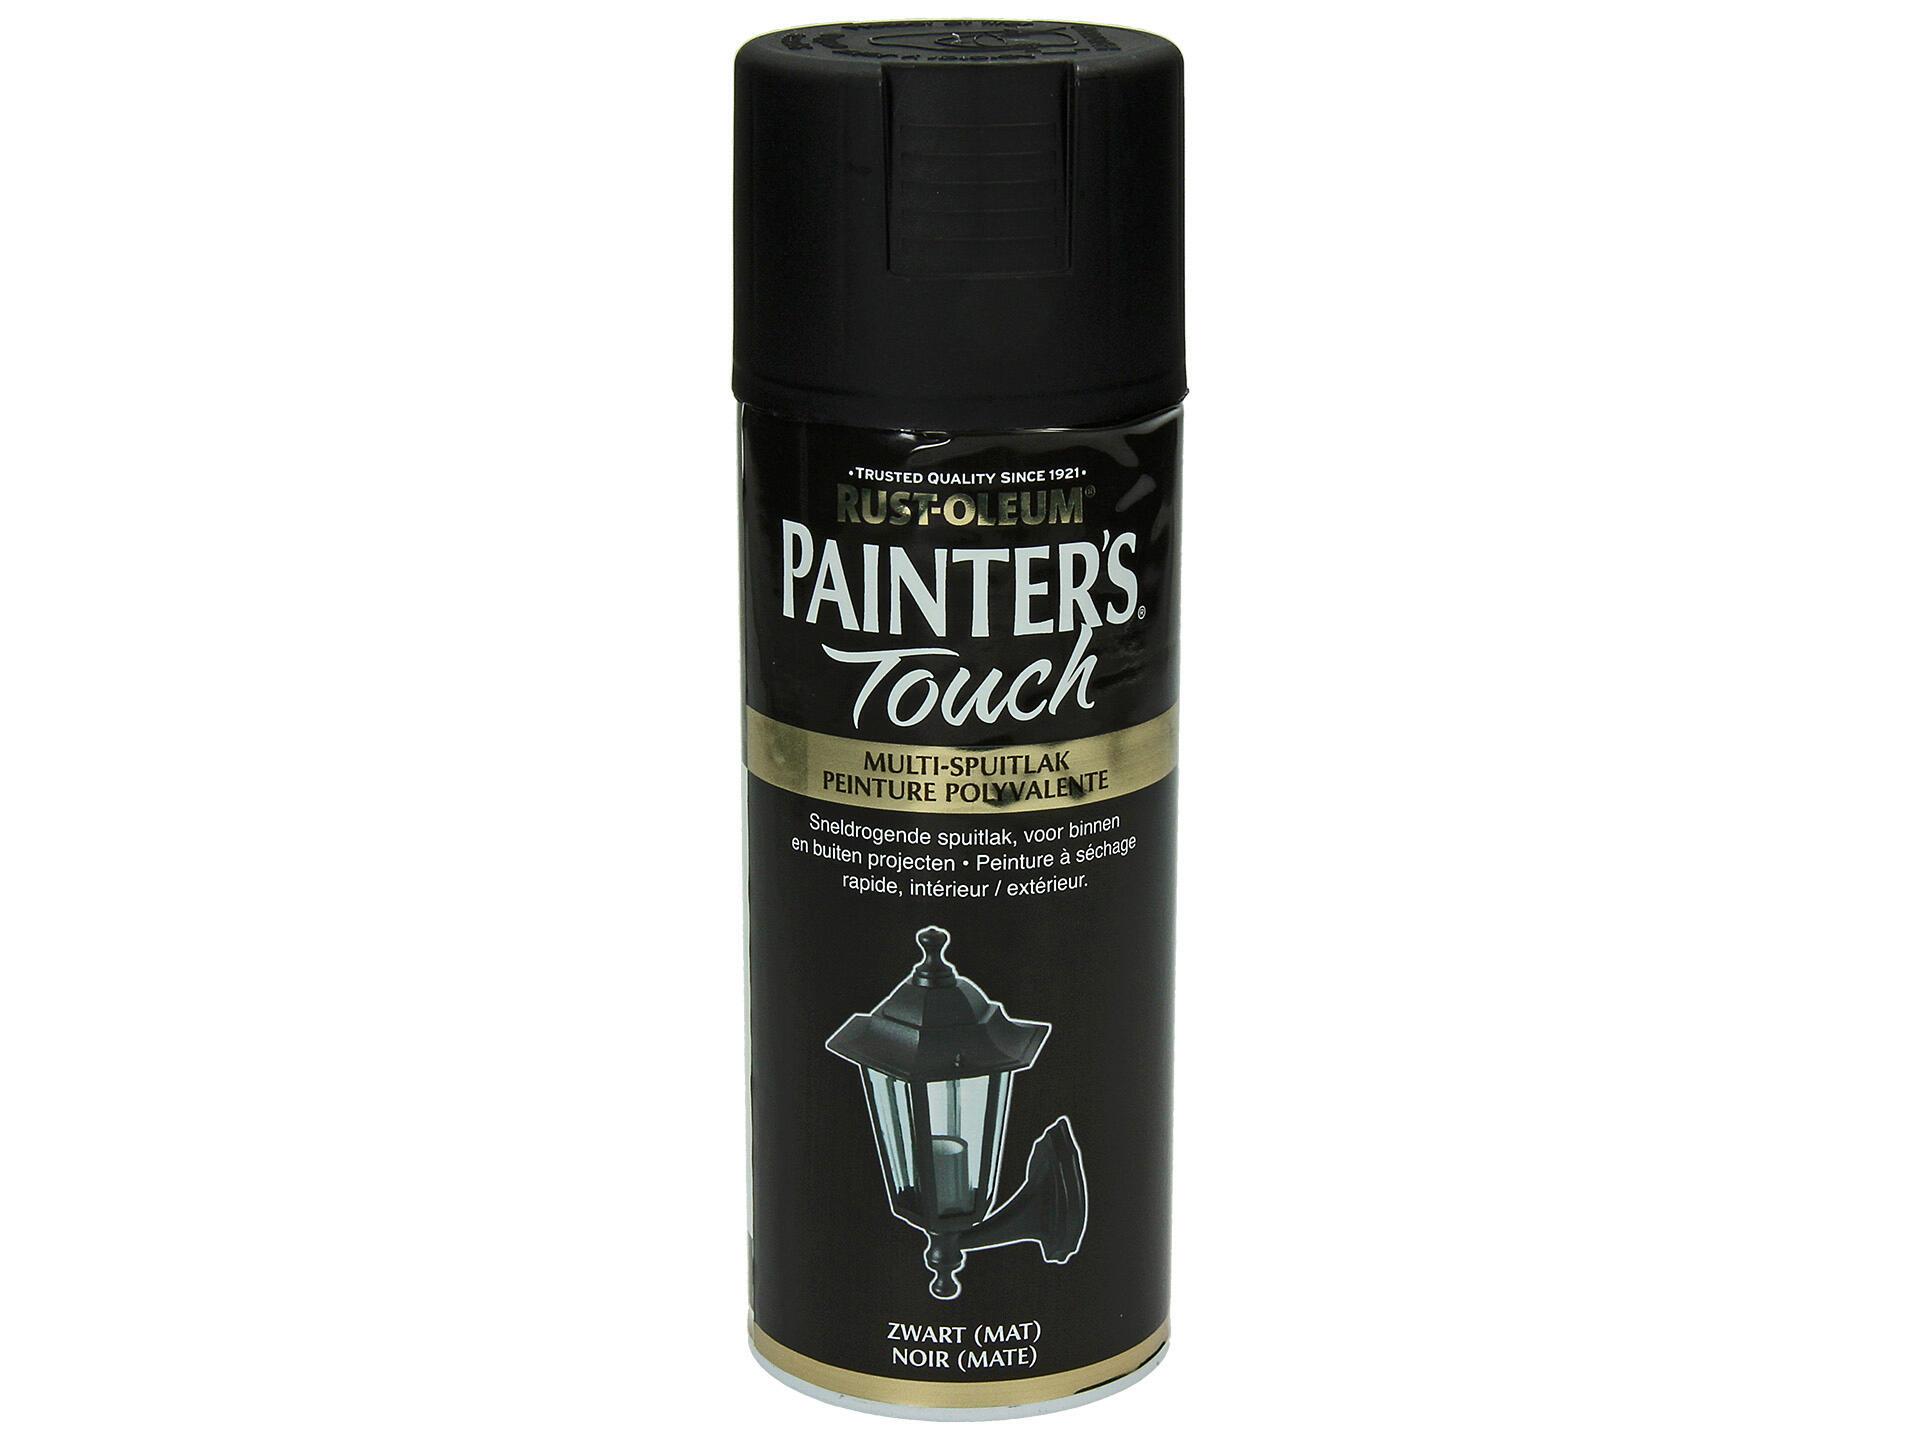 Peinture Laque Noir Mat painter's touch laque en spray mat 0,4l noir